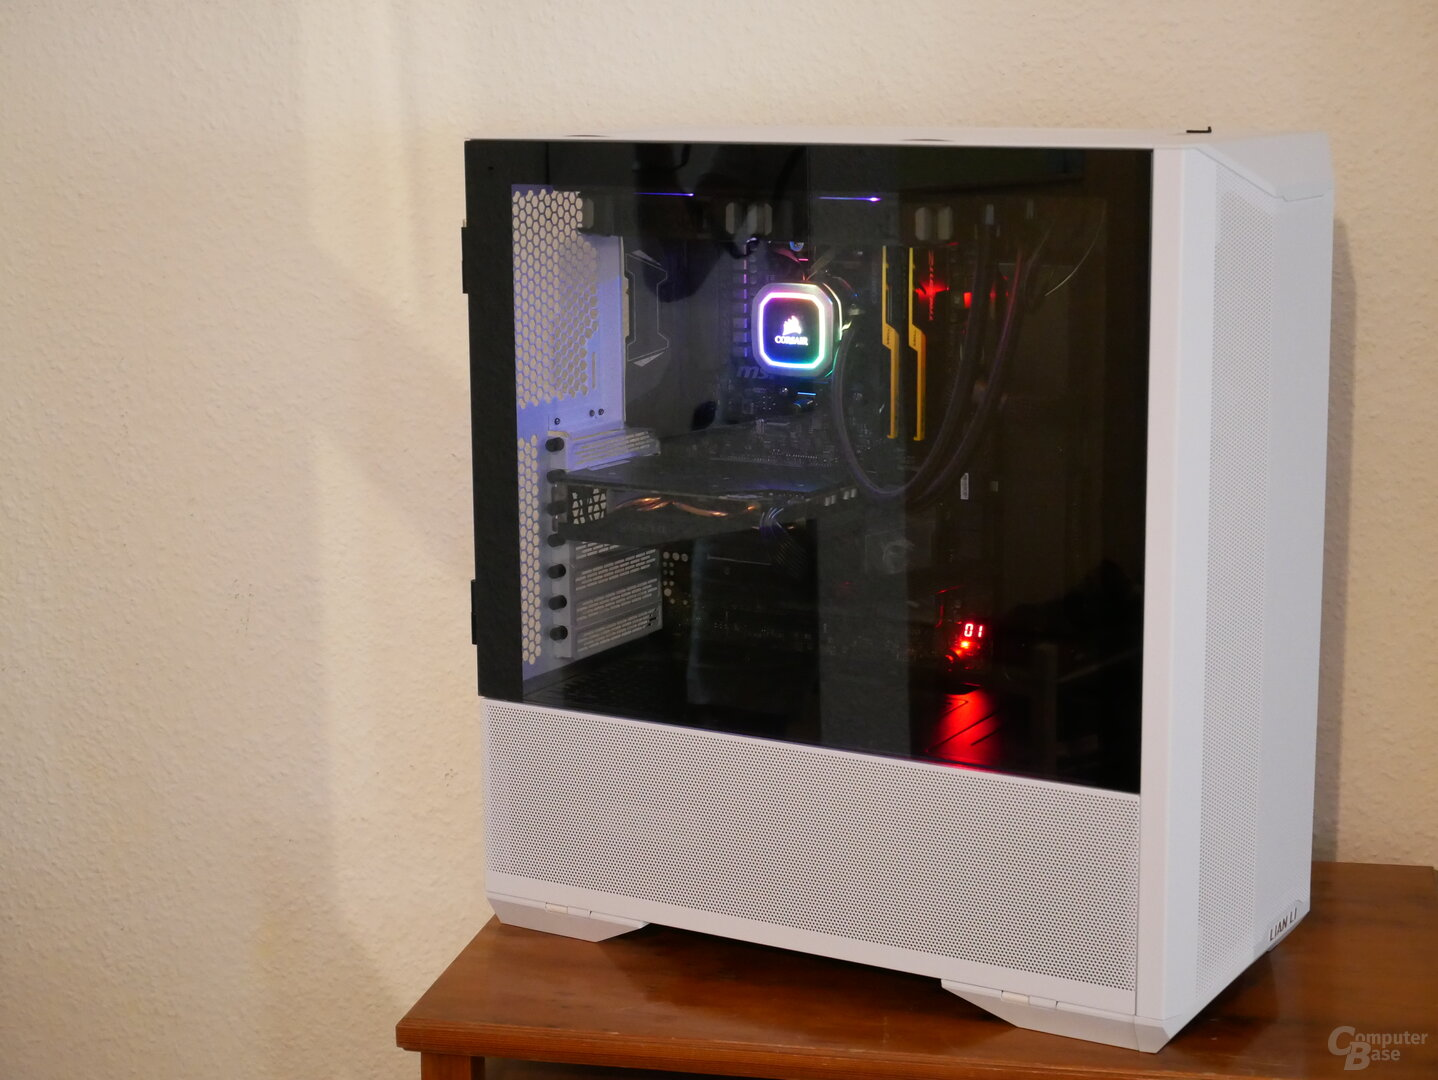 Lancool II Mesh Seitansicht mit eingebauter Hardware